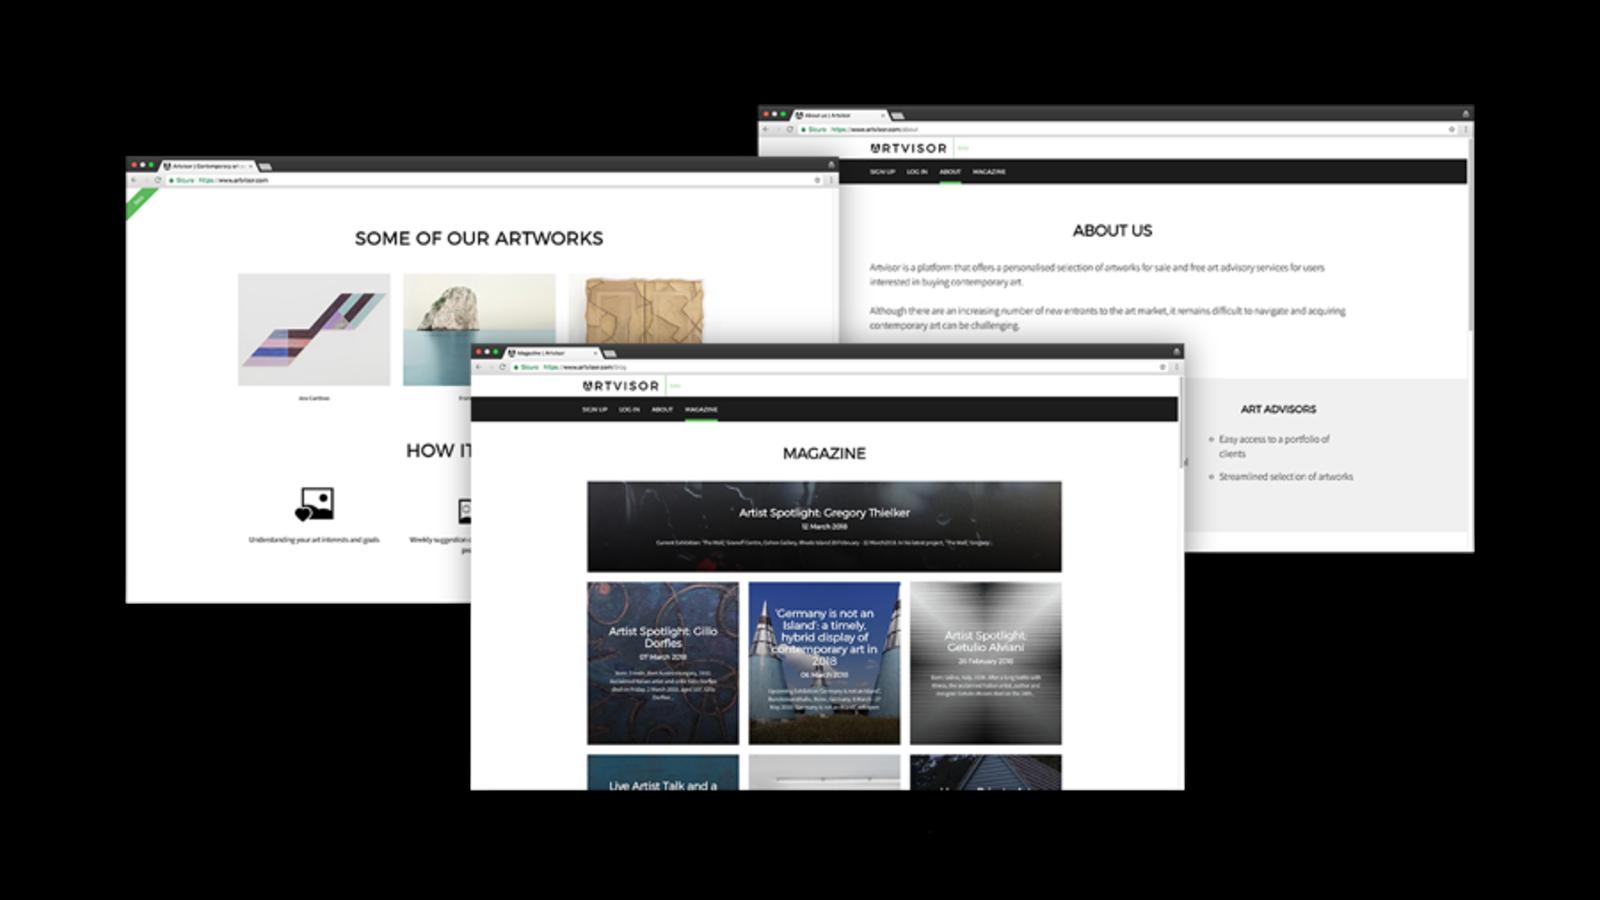 screenshot di esempio delle pagine del sito di arte Artvisor